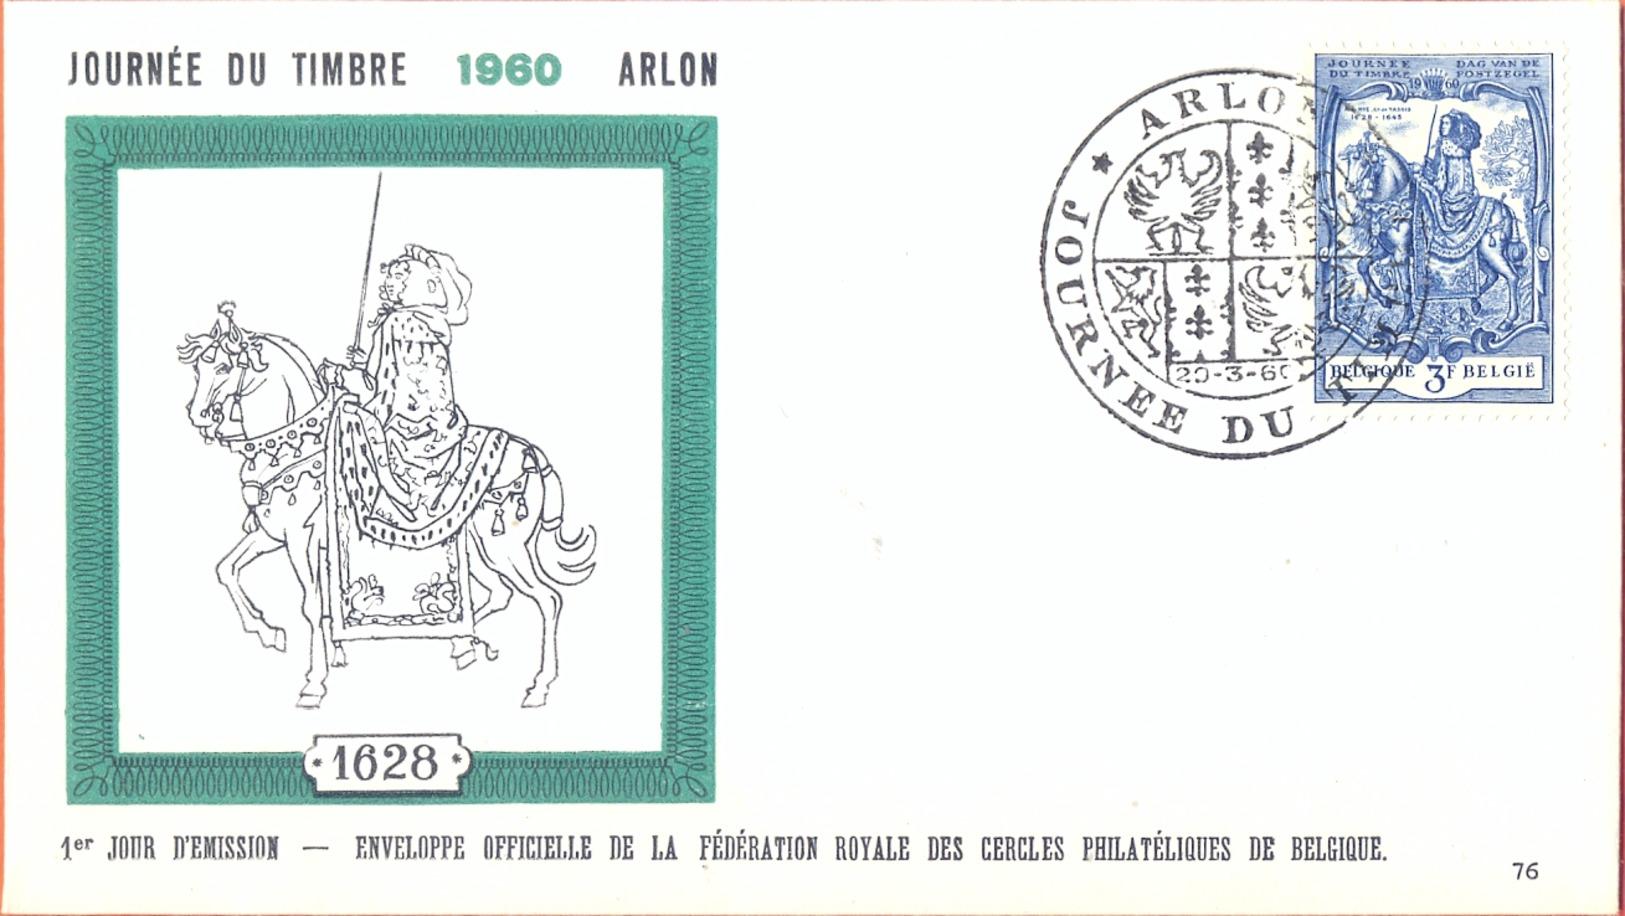 Belgium BELGIUM FDC 20/03/1960 COB 1121 JOURNEE DU TIMBRE DAG VAN DE POSTZEGEL  Fine Cancel Arlon - FDC